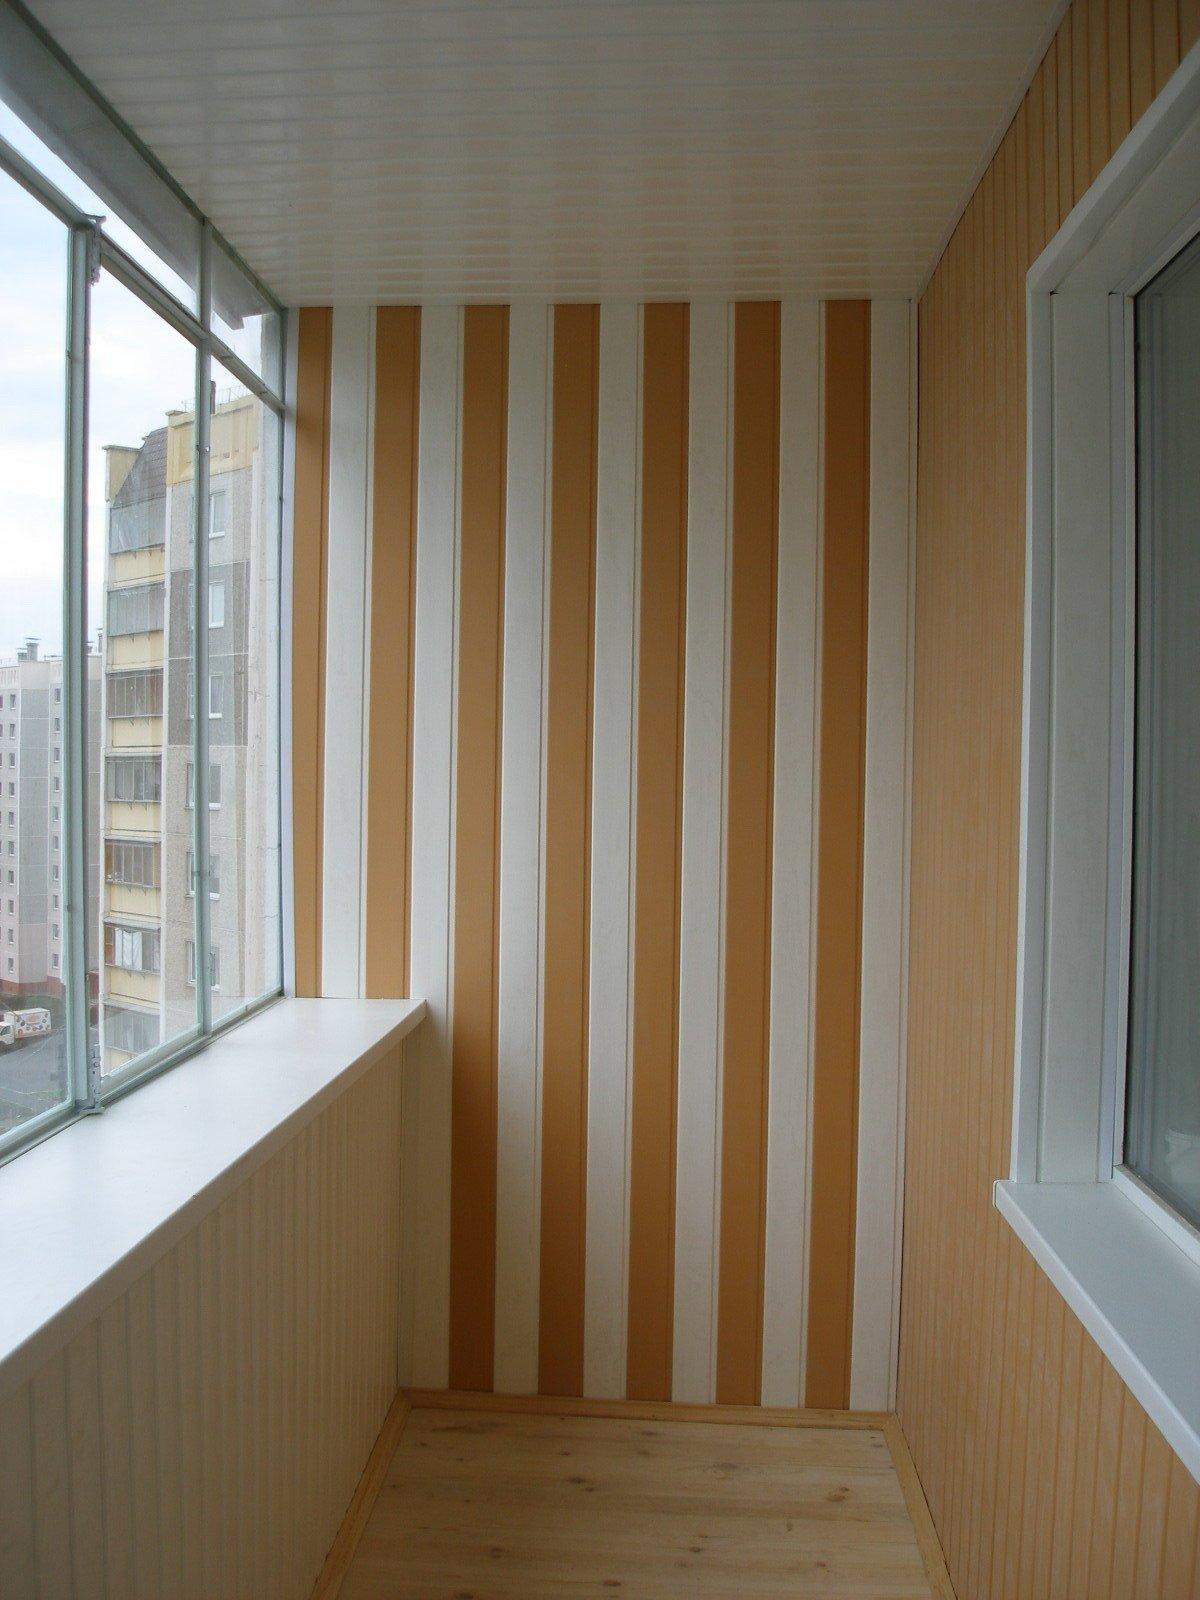 феофилактова балконы отделка фото внутри дизайн екатеринбург жарить